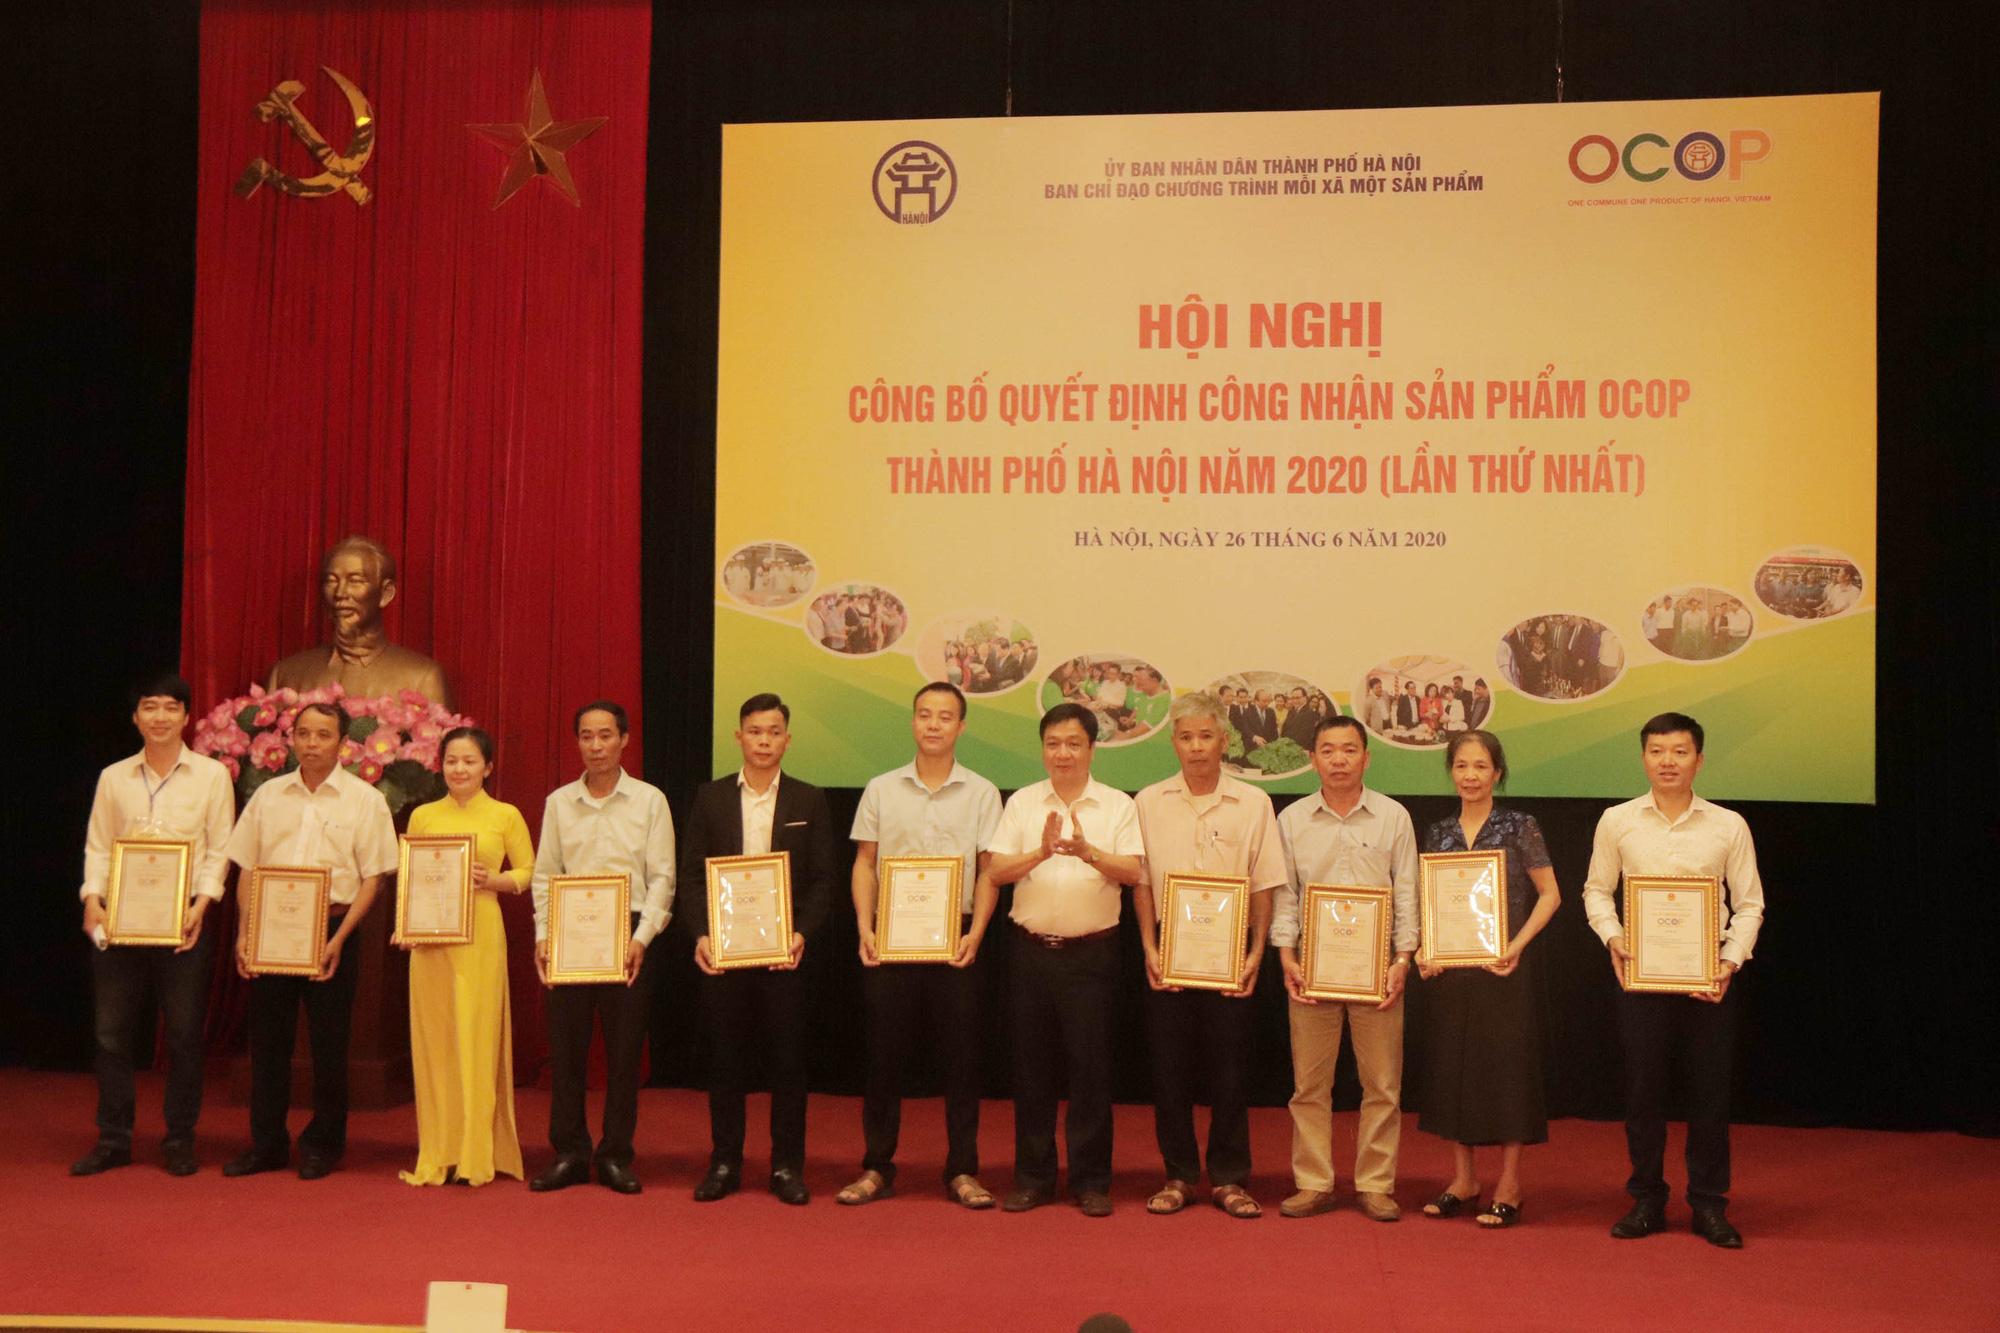 Hà Nội: Quyết định công nhận 301 sản phẩm đạt sao OCOP, cơ hội thúc đẩy tiêu thụ sản phẩm - Ảnh 1.